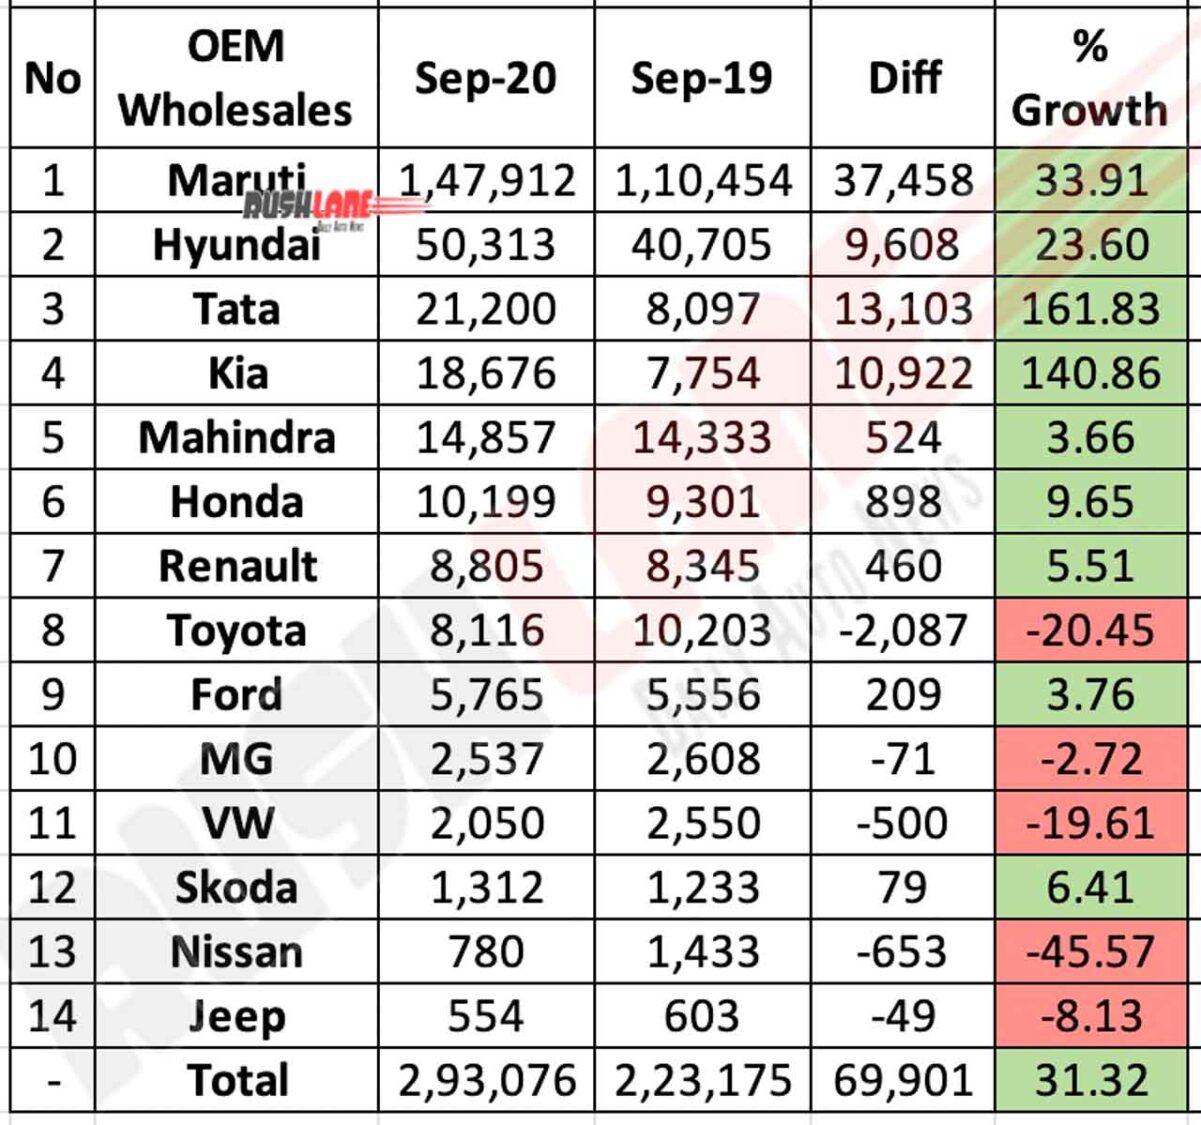 OEM Sales Sep 2020